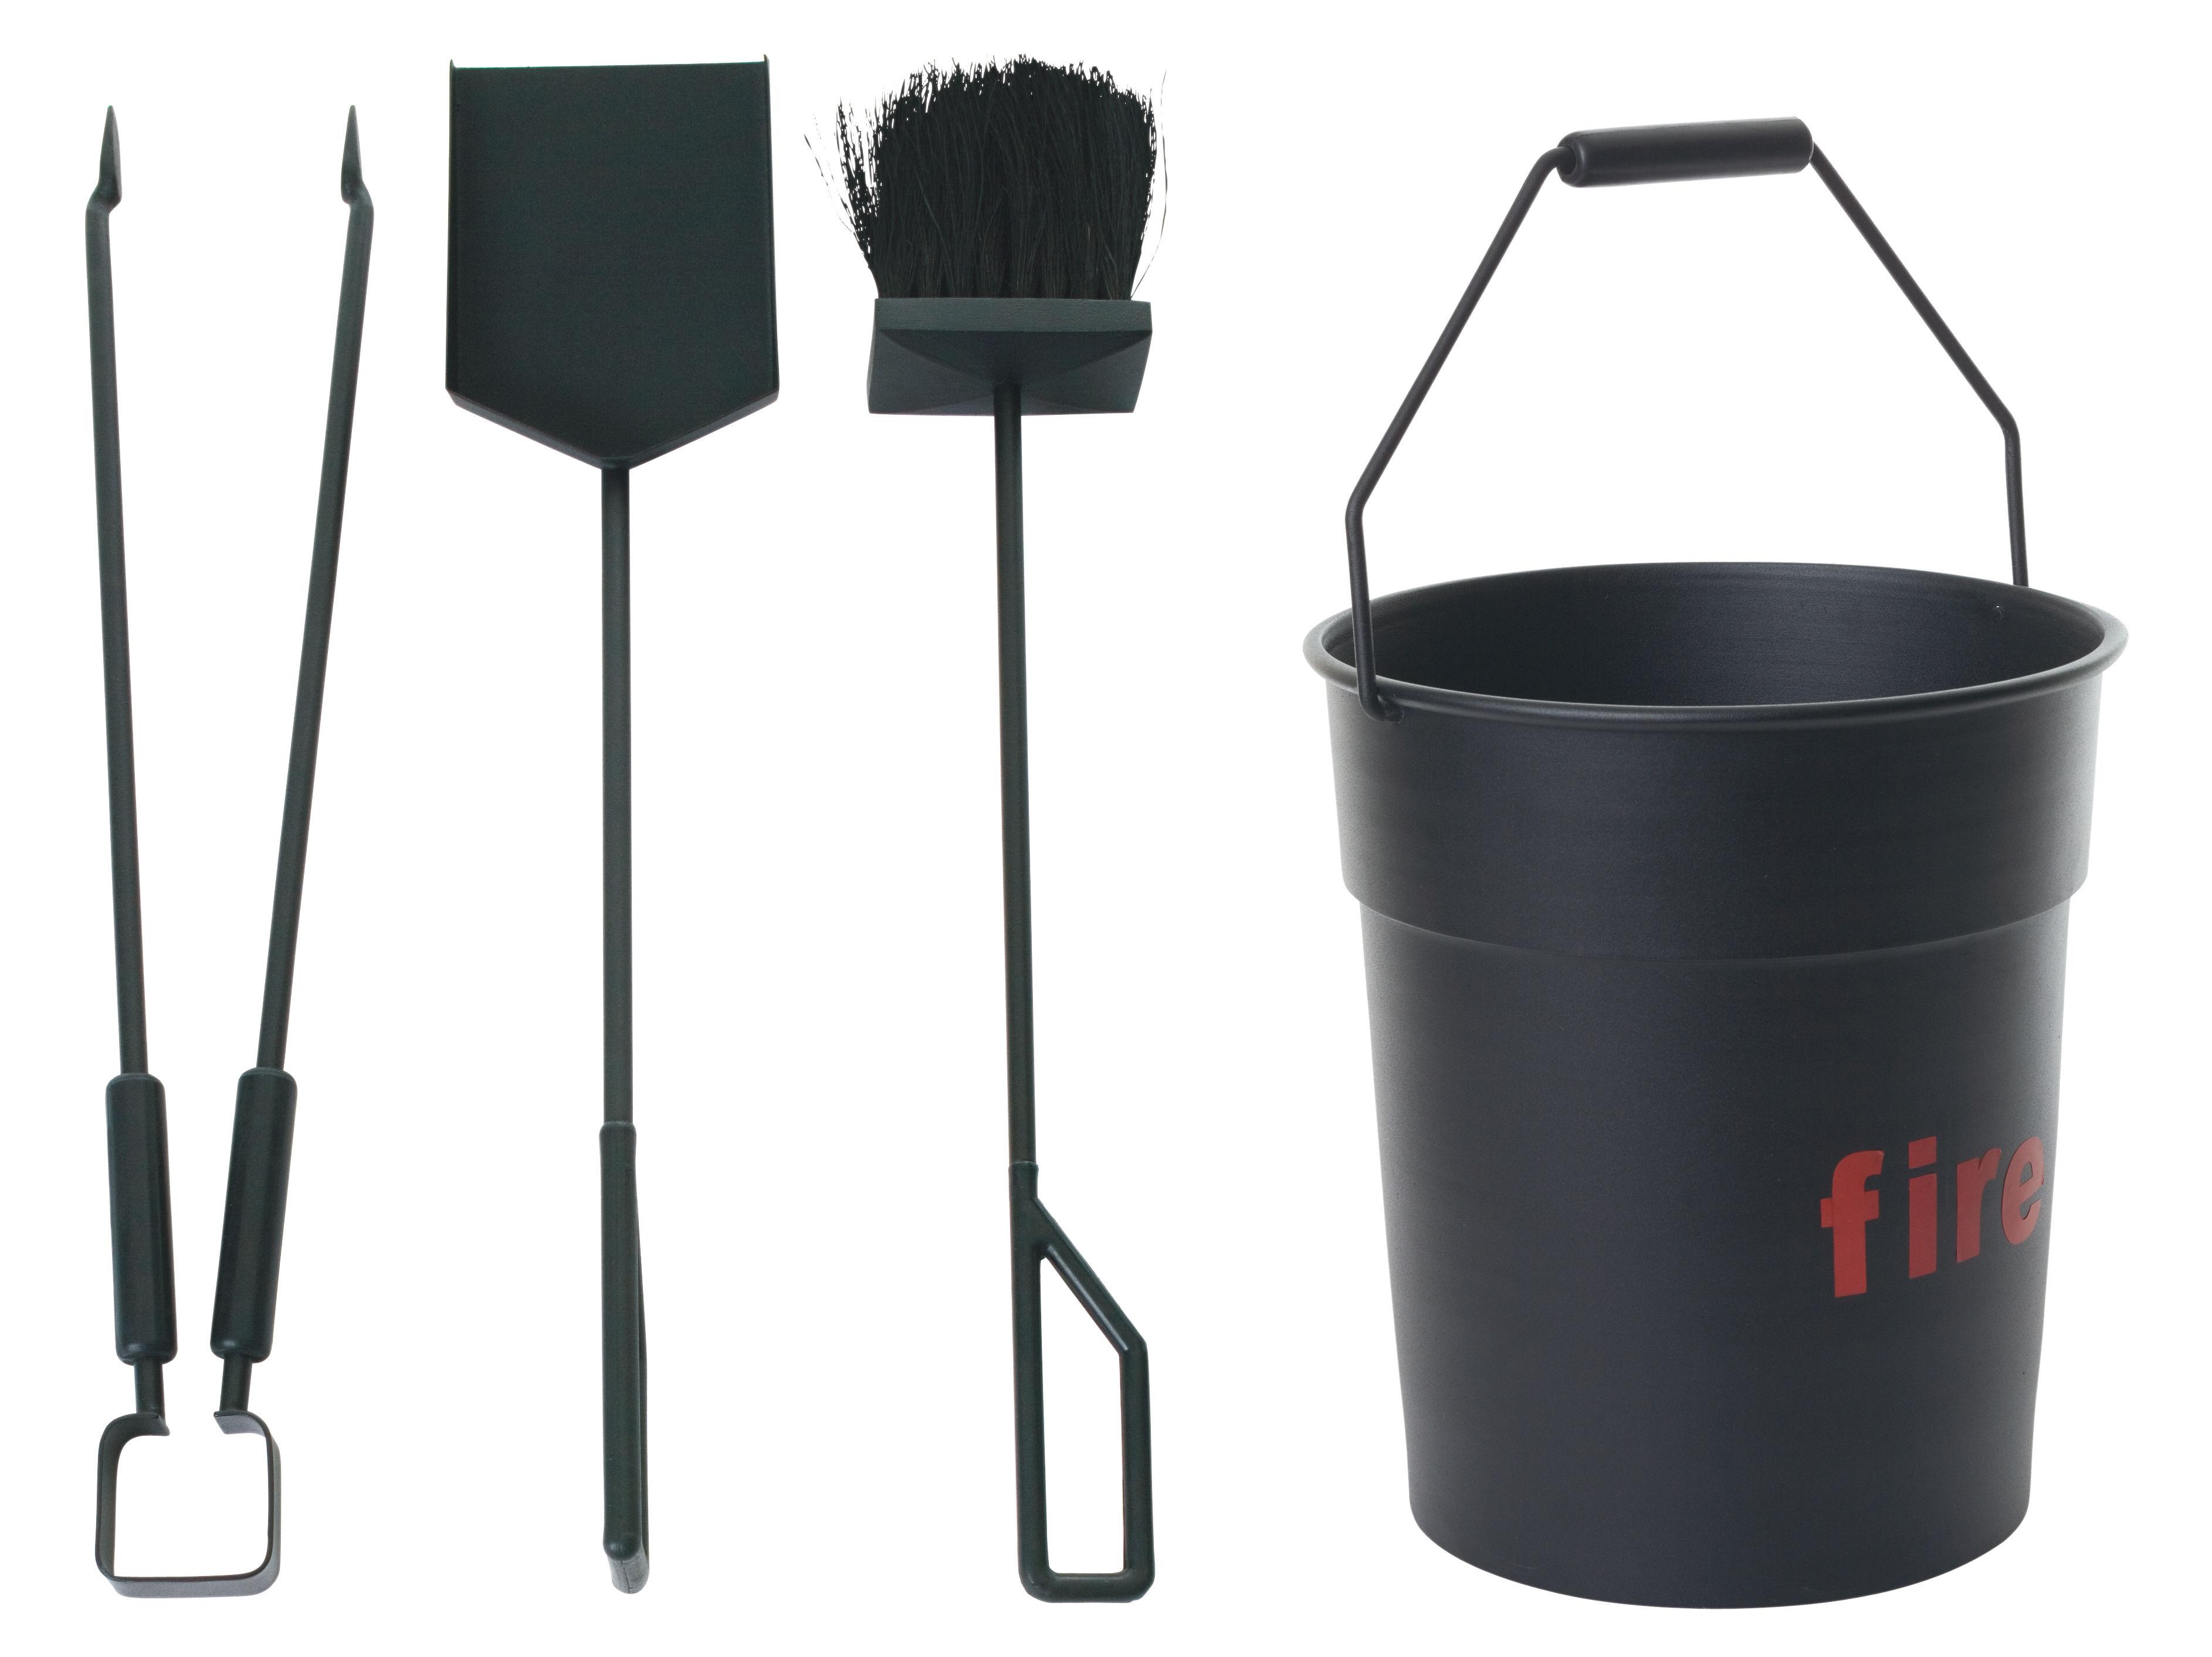 Noël design - Rock & Indus' - Set cheminée Fire Tool 1 seau + 3 accessoires - ENOstudio - Noir - Aluminium, Caoutchouc